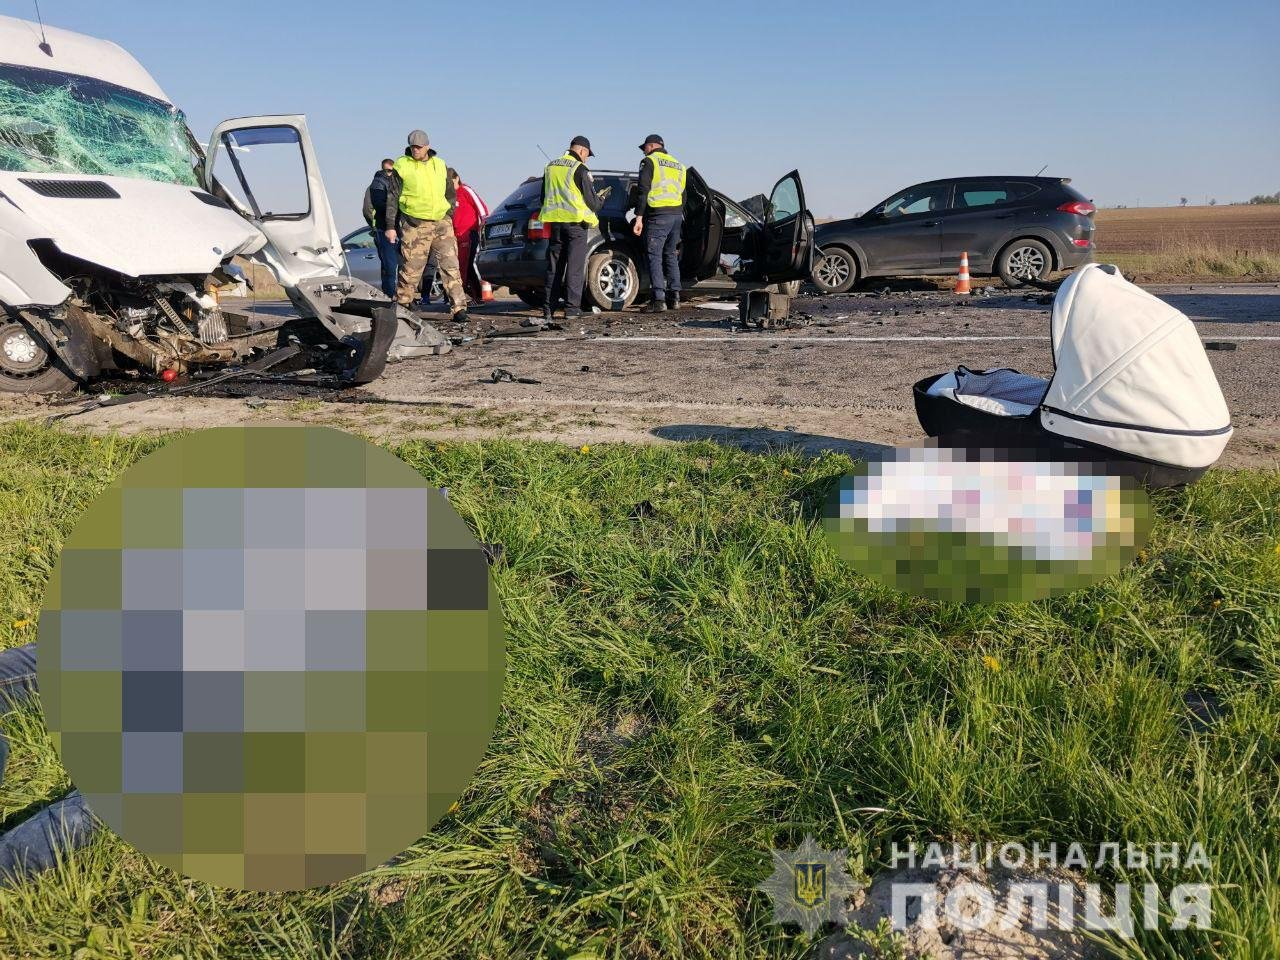 Виїхав на зустрічну: на Рівненщині сталася ДТП, унаслідок якої загинула сім'я з маленькою дитиною (ФОТО/ВІДЕО), фото-2